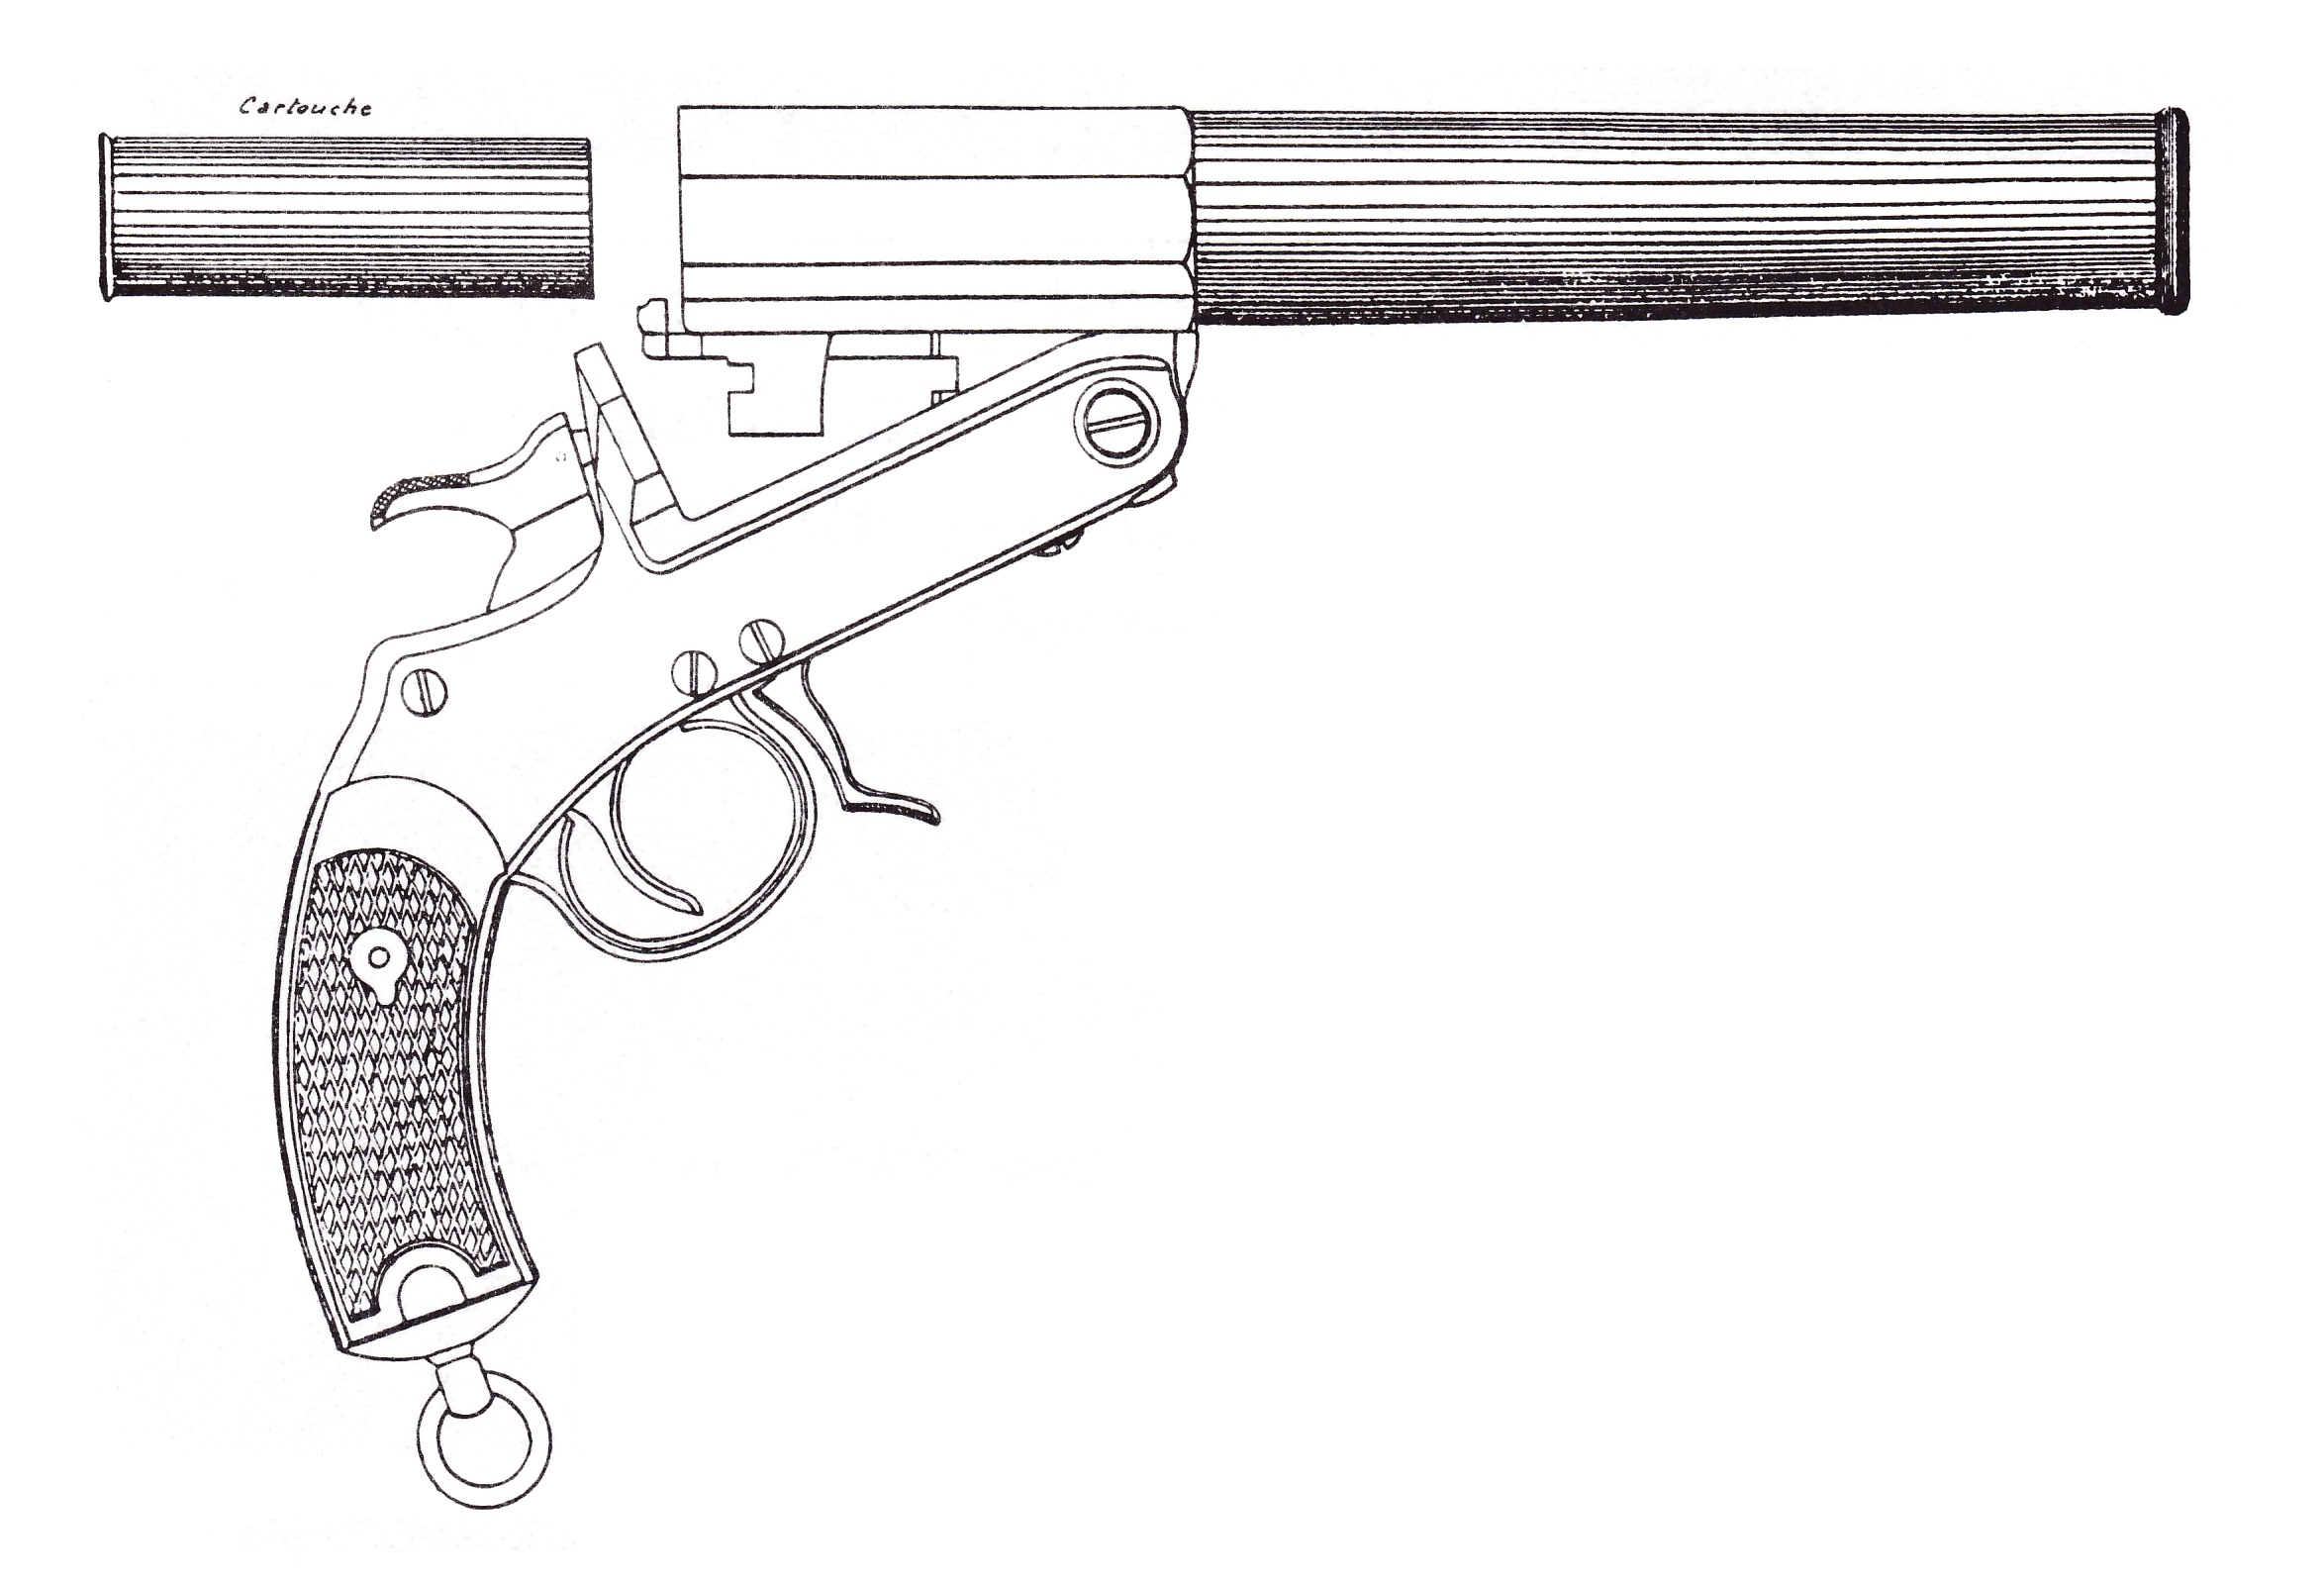 Le très beau pistolet expérimental St-Etienne modèle 1898, construit sur la base de notre revolver réglementaire modèle 1892, n'avait pas réussi à convaincre les militaires de la Commission d'Expérience de 1905.